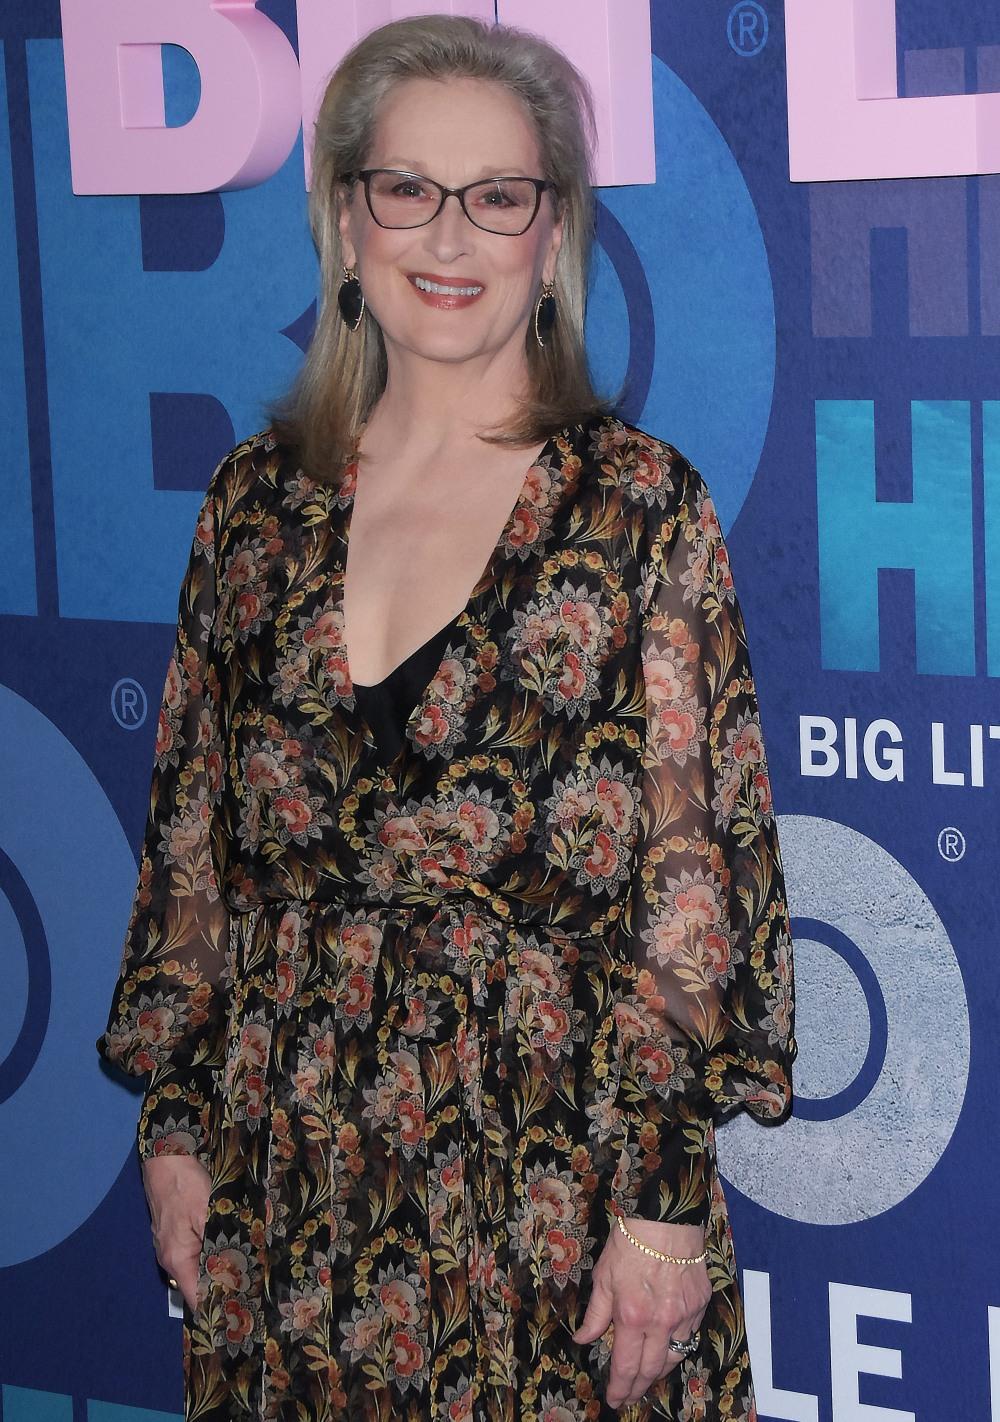 Big Little Lies Season 2 HBO Premiere